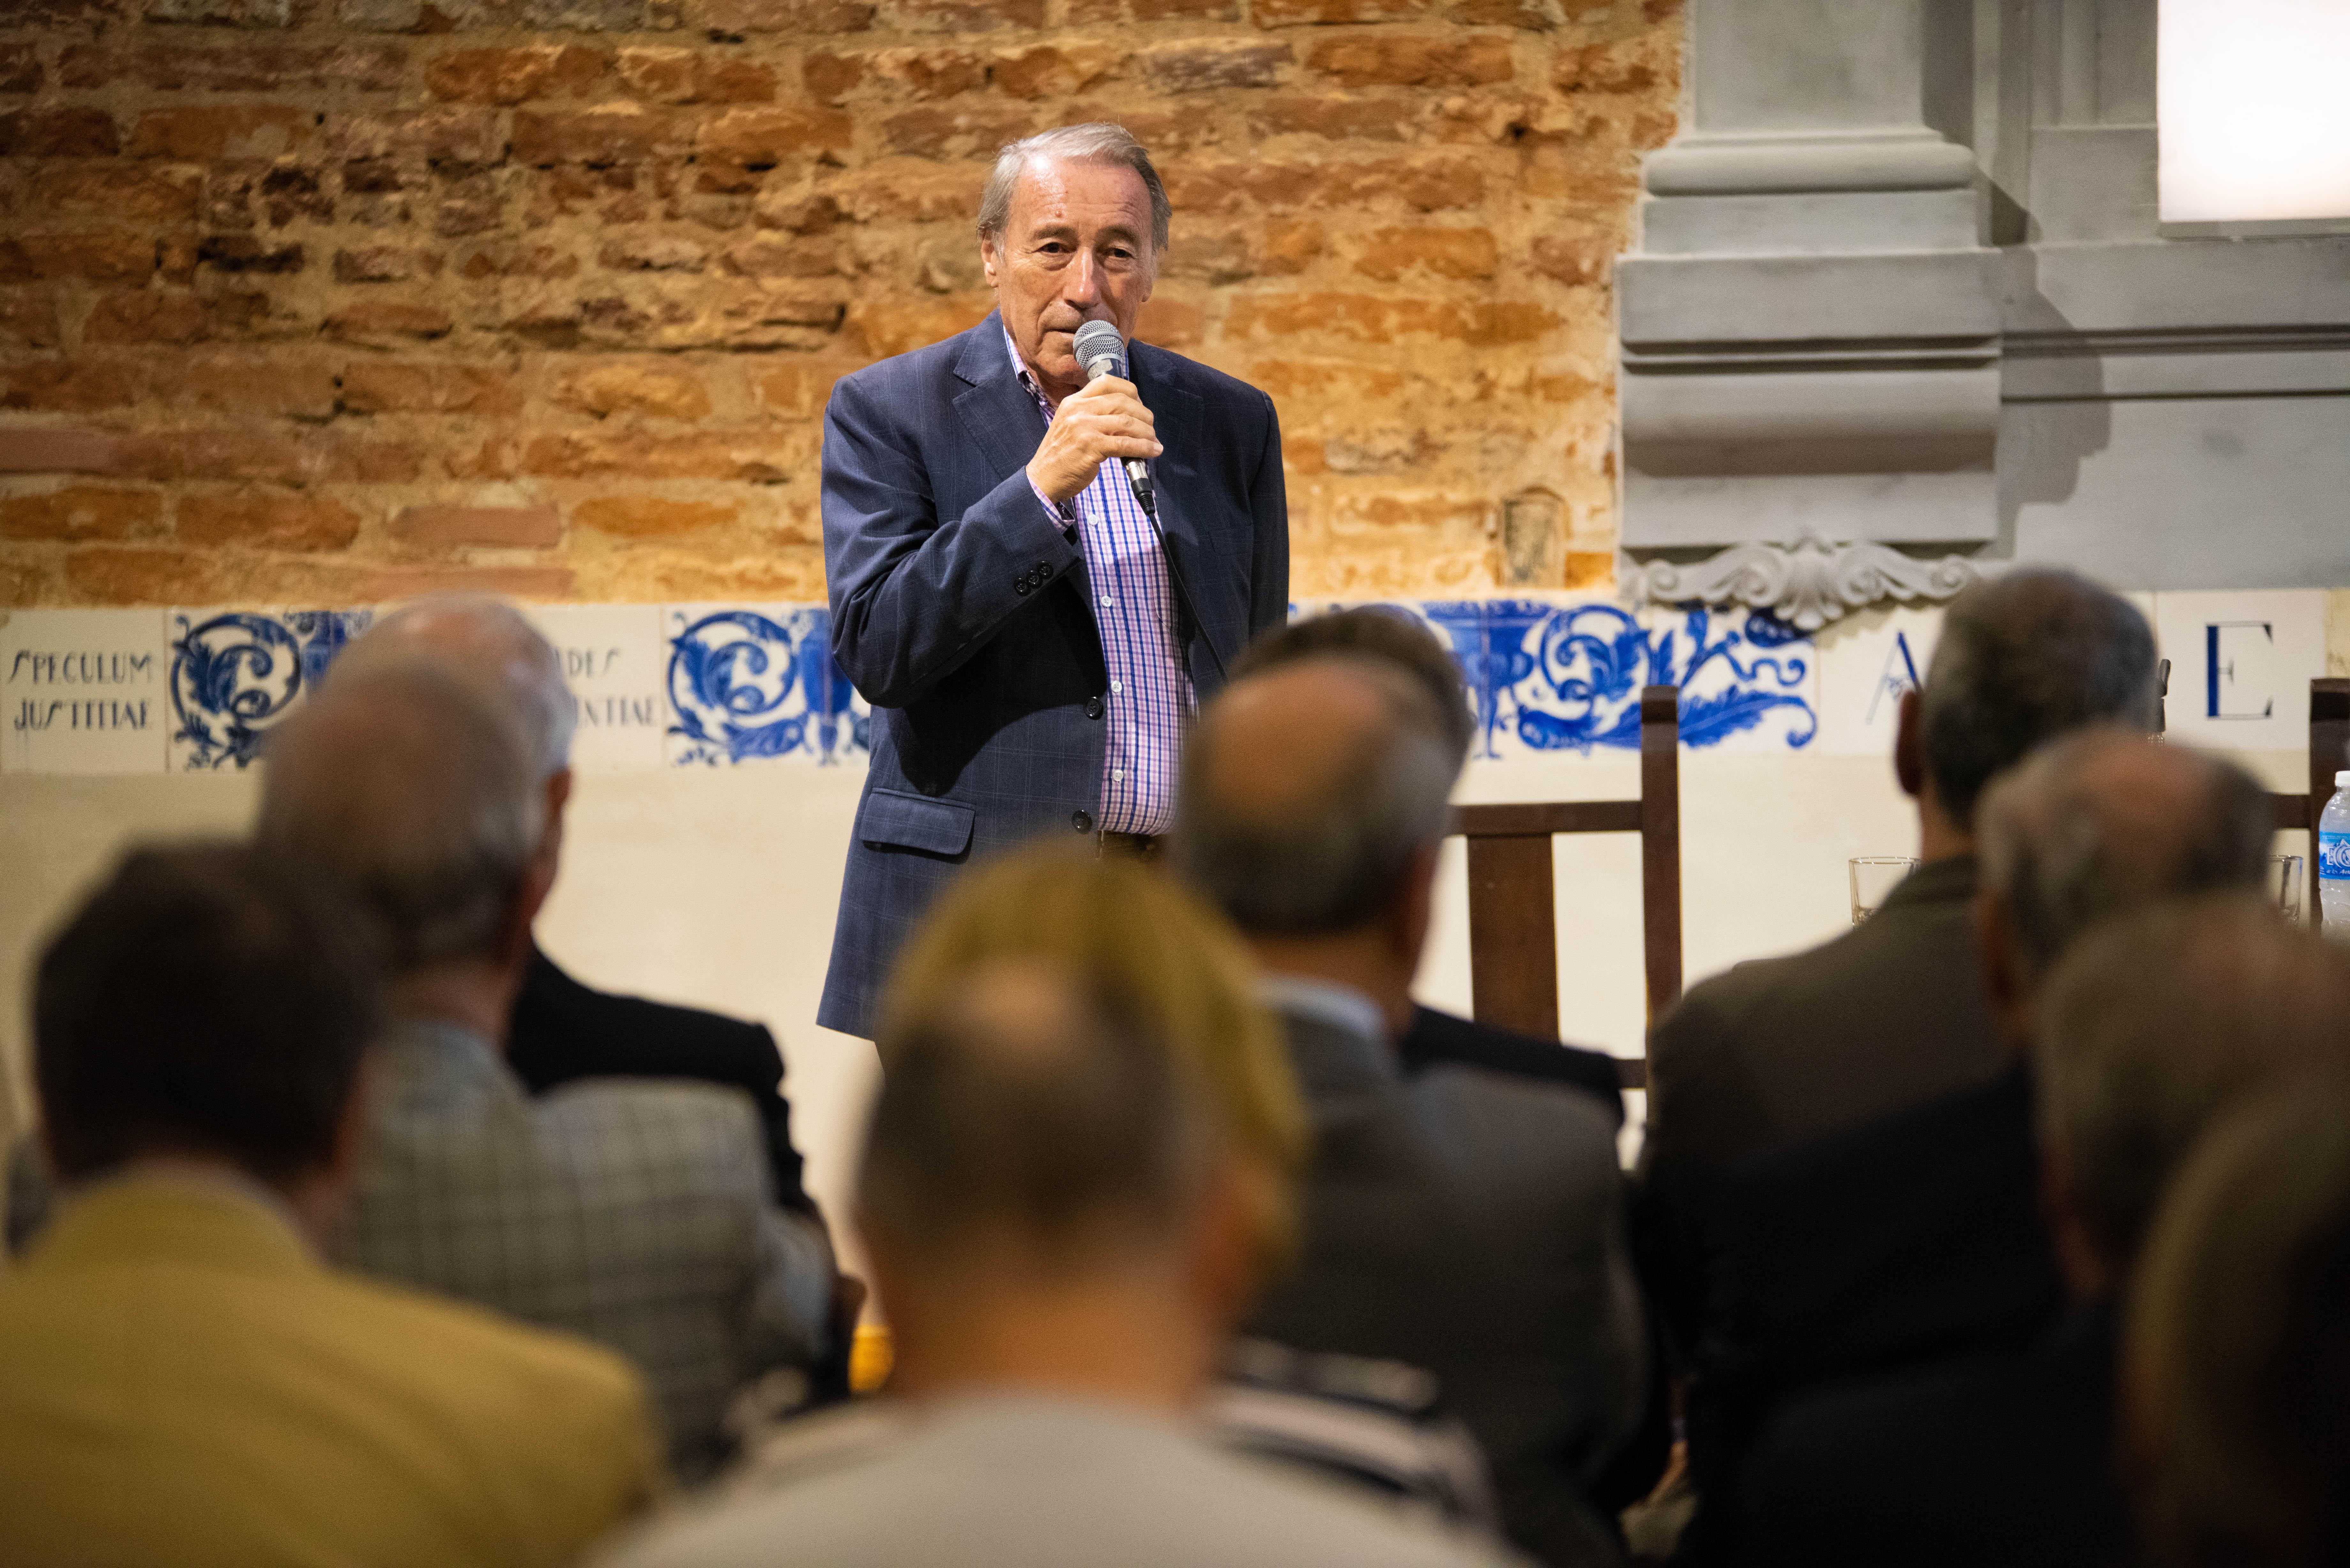 El presidente de Casa Común, José Ignacio López, durante el discurso de apertura.